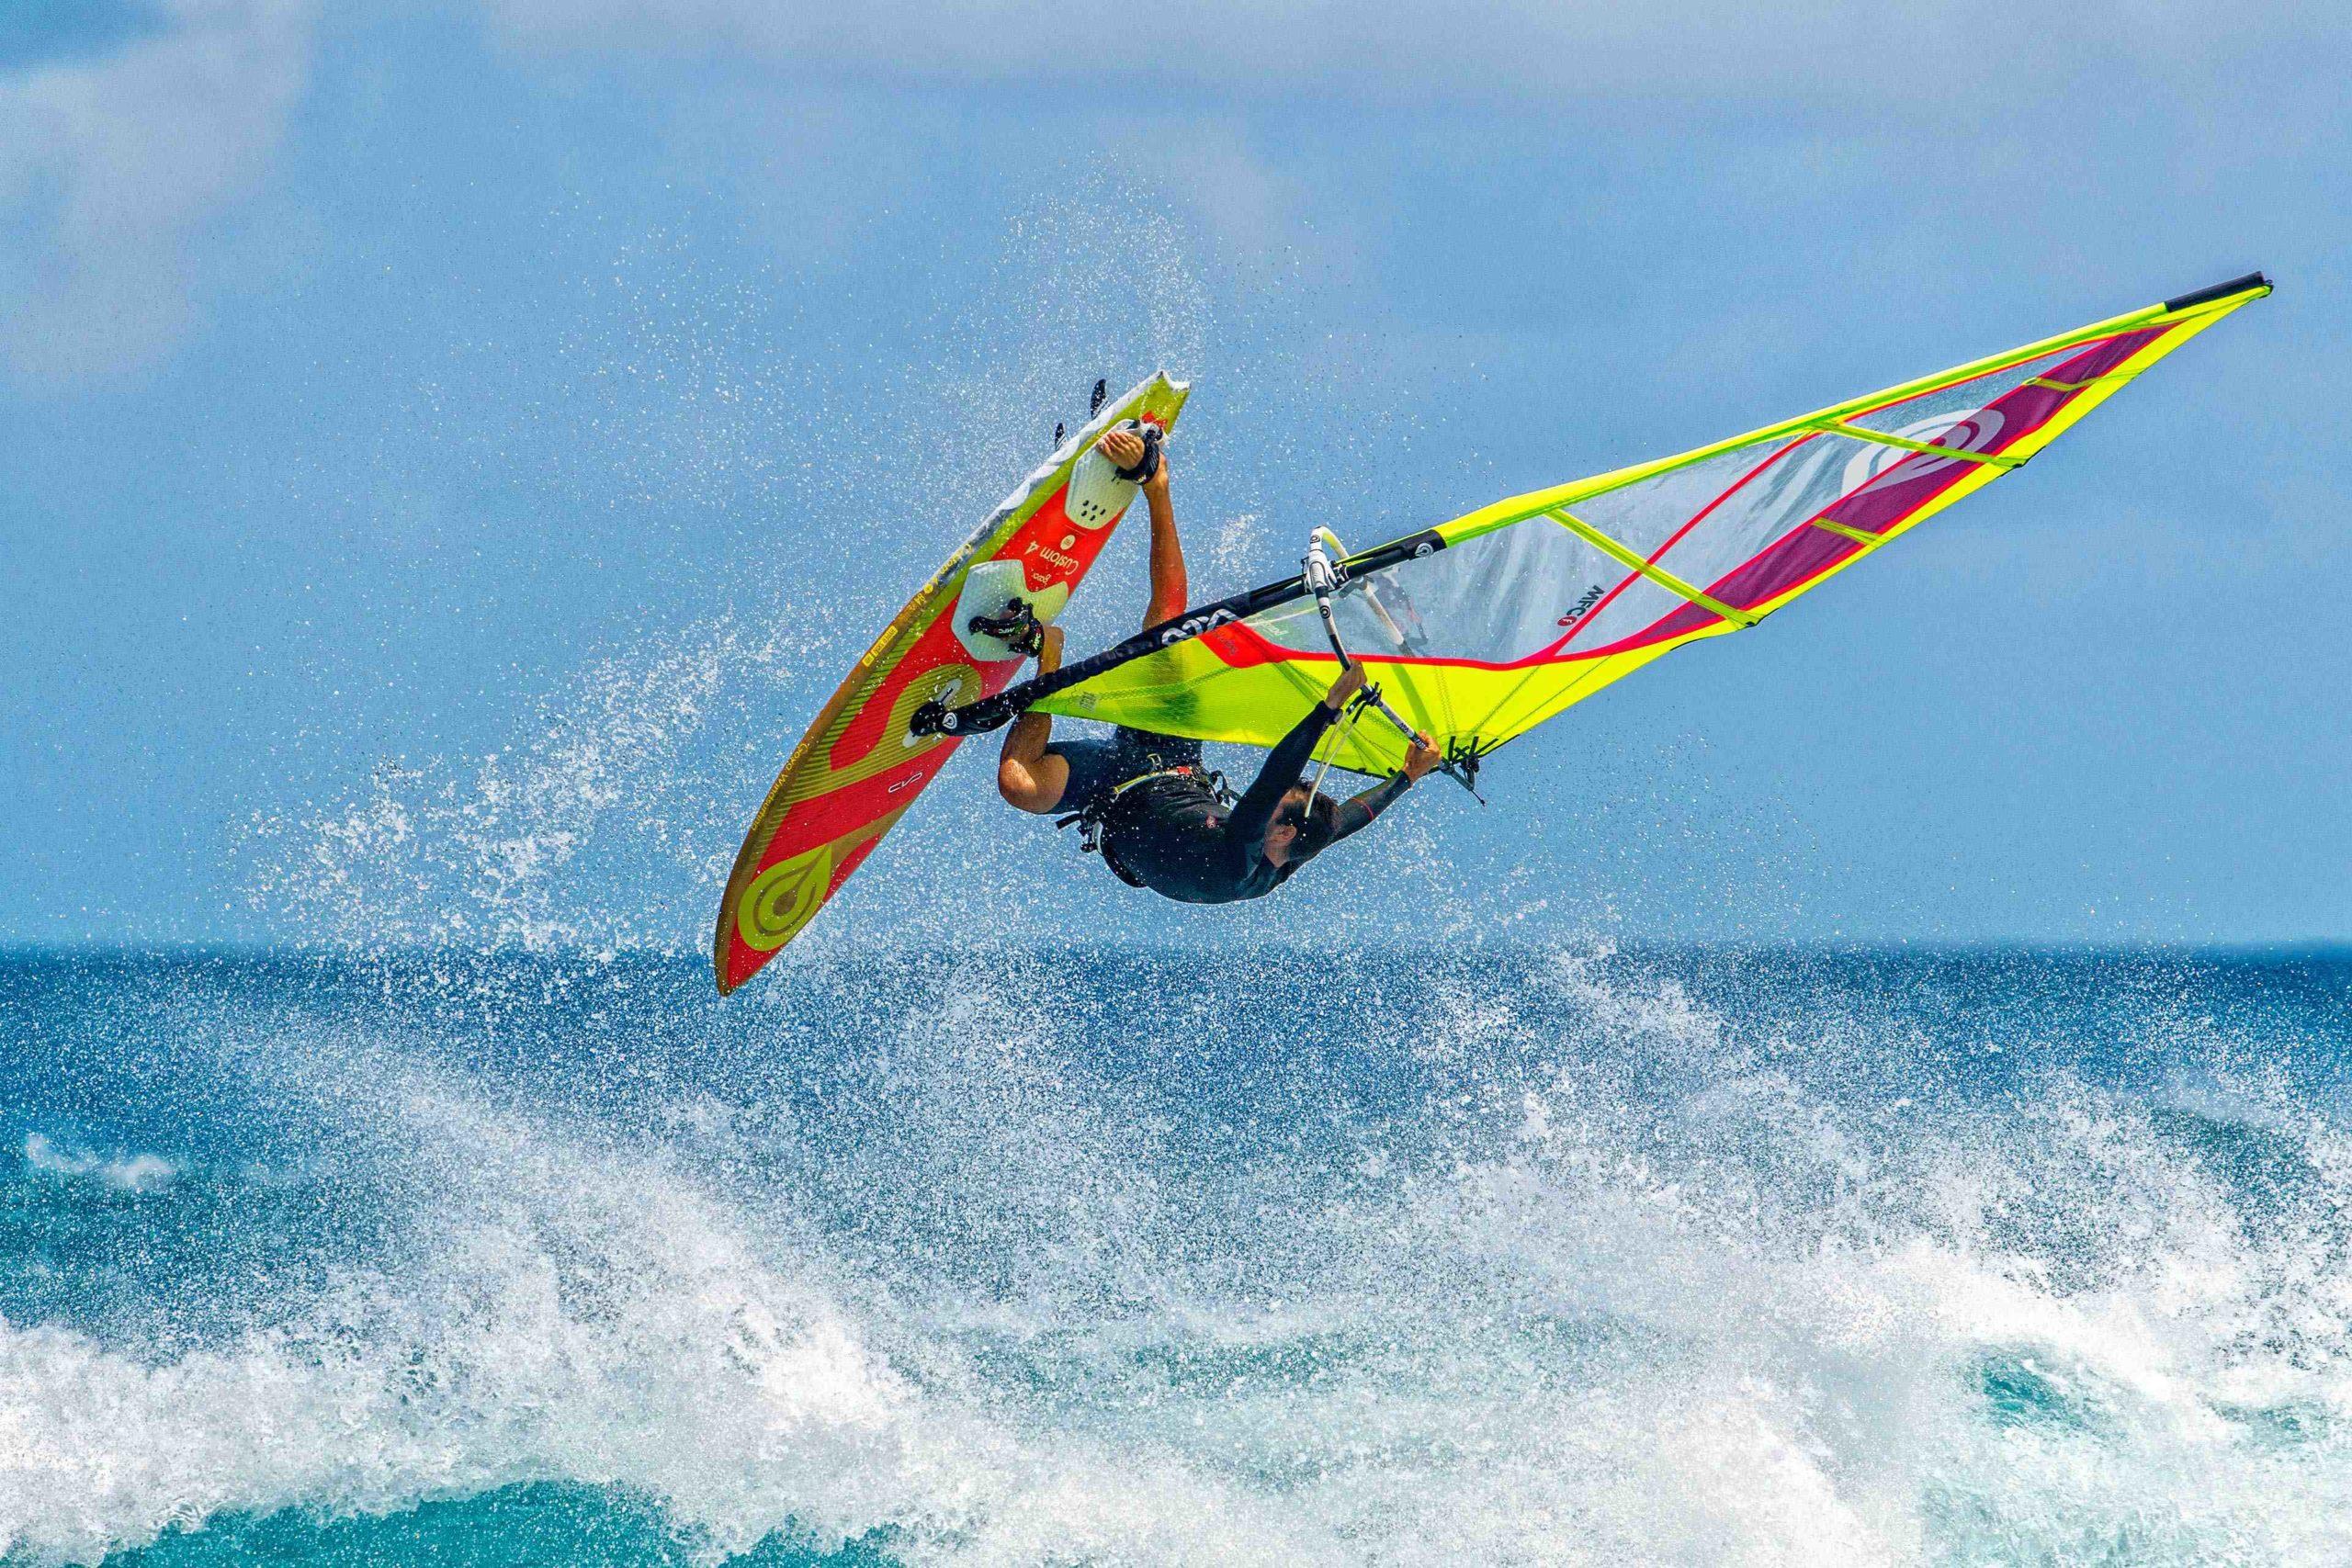 La planche à voile est un sport nautique passionnant. Apprenez à naviguer sur une planche à voile. Découvrez le cours de planche à voile original de Windjammer pour les débutants.